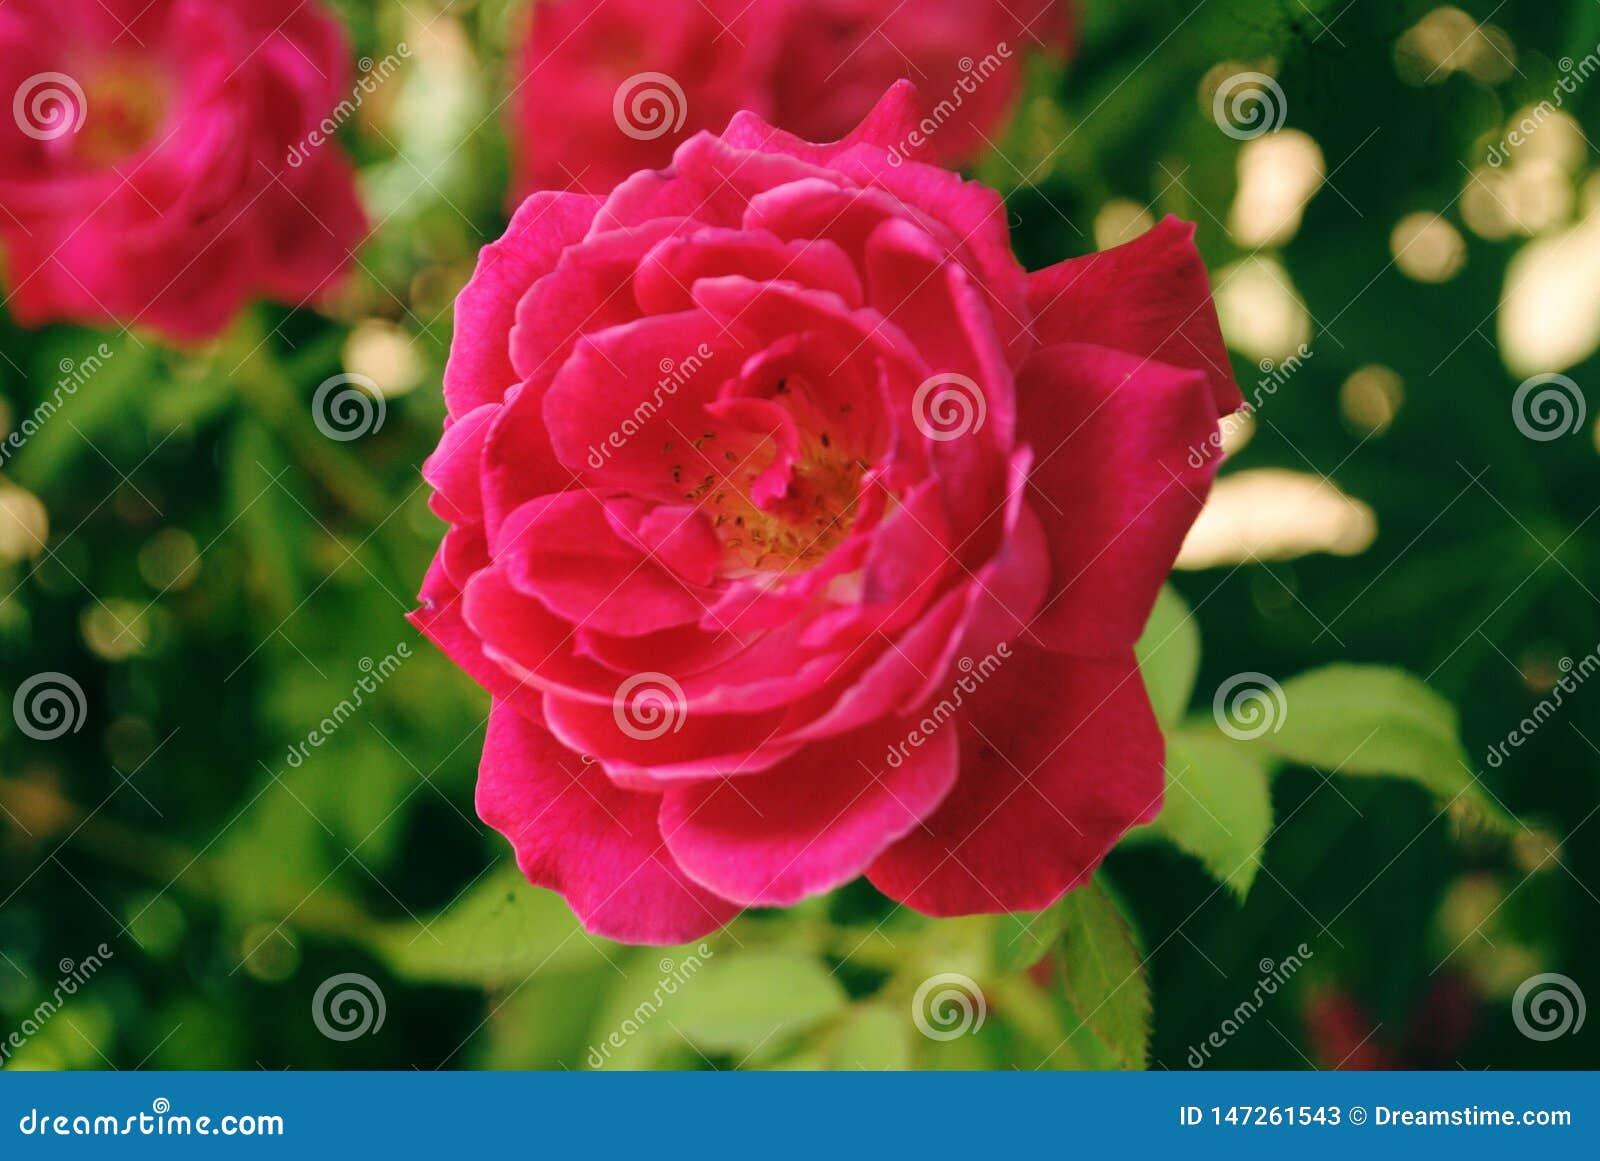 Rosa vermelha bonita ? uma flor muito bonita